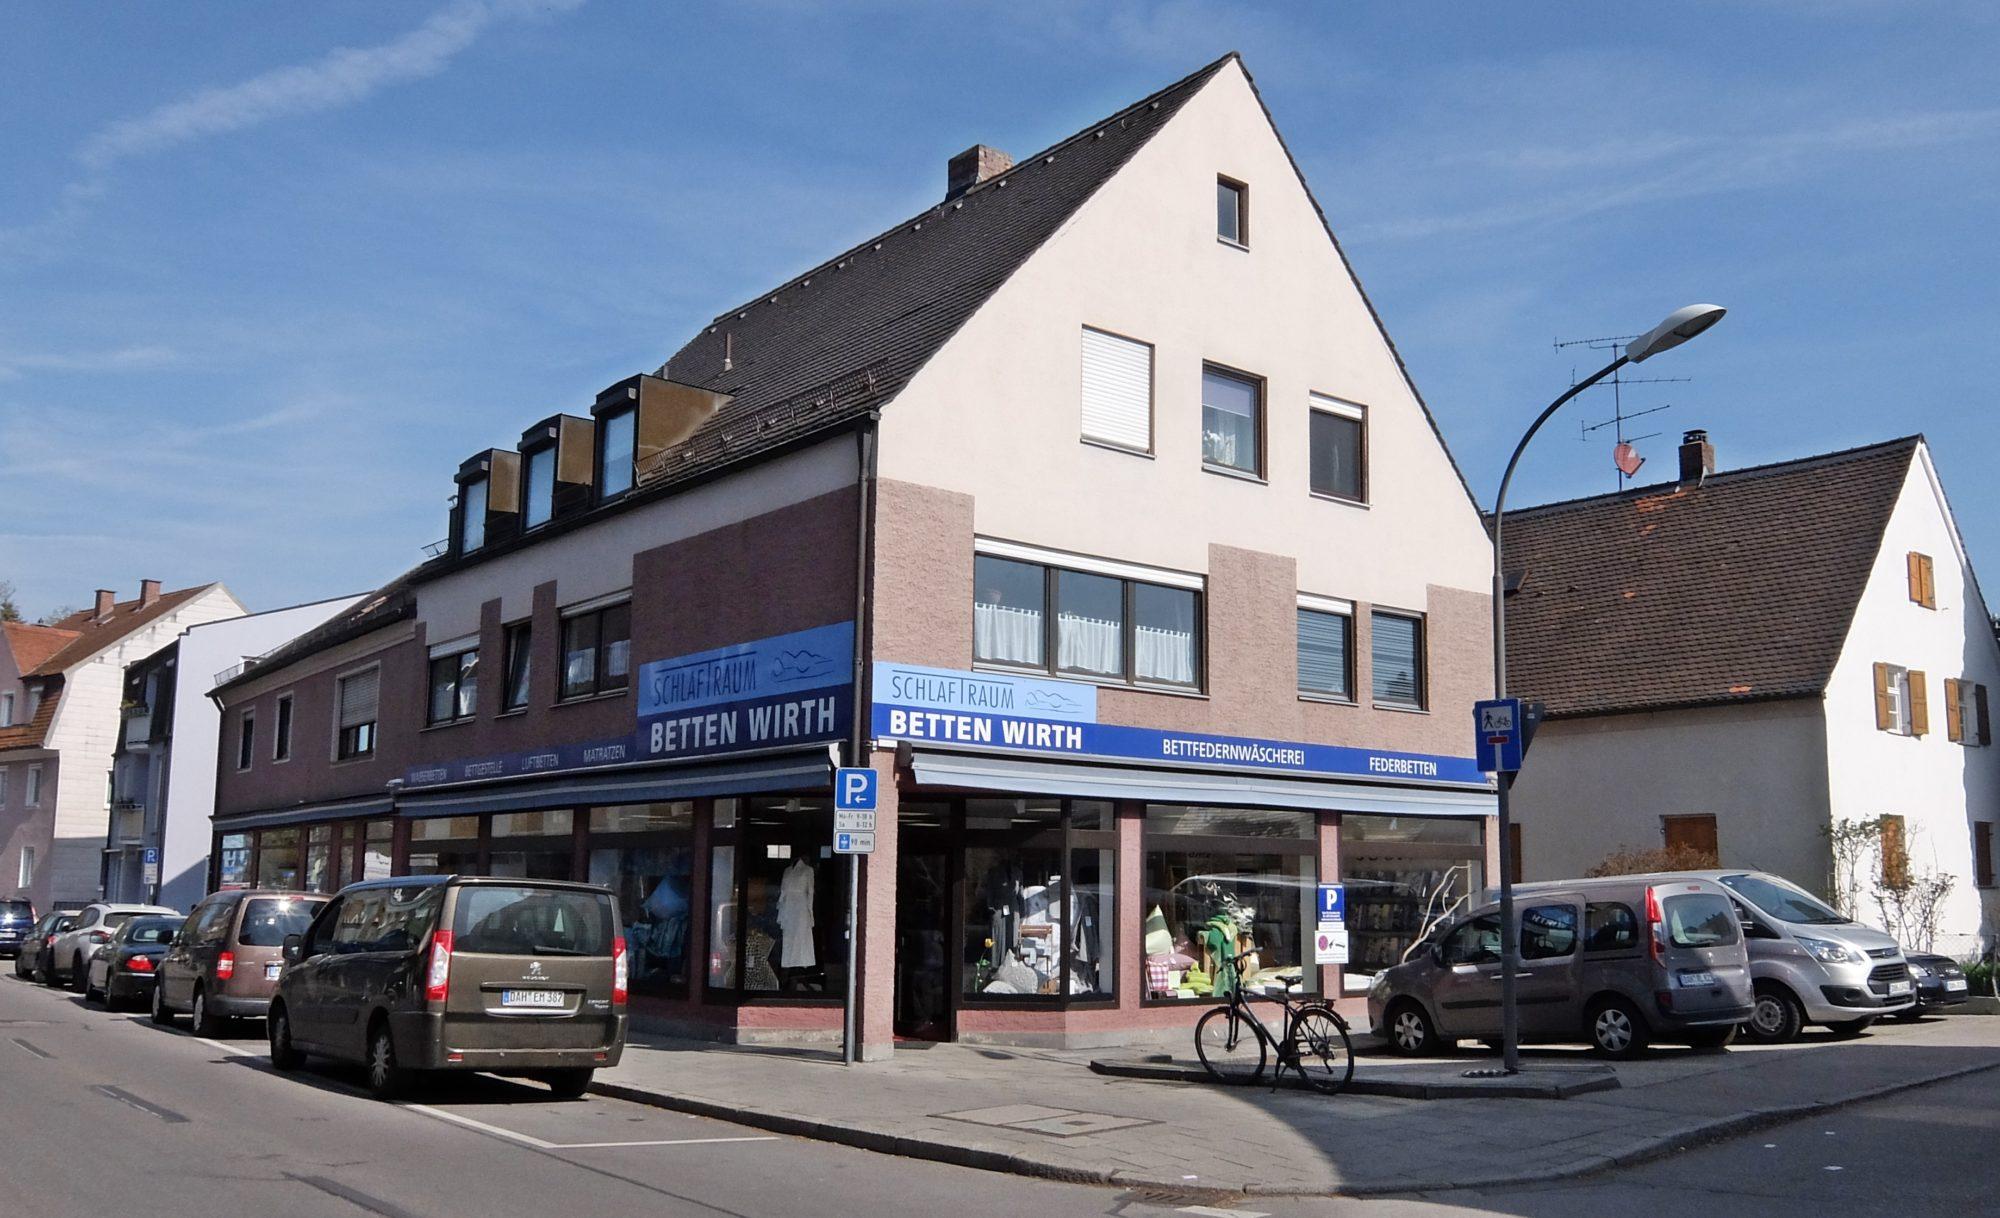 Full Size of Schlafstudio München Impressum Betten Wirth Sofa Wohnzimmer Schlafstudio München